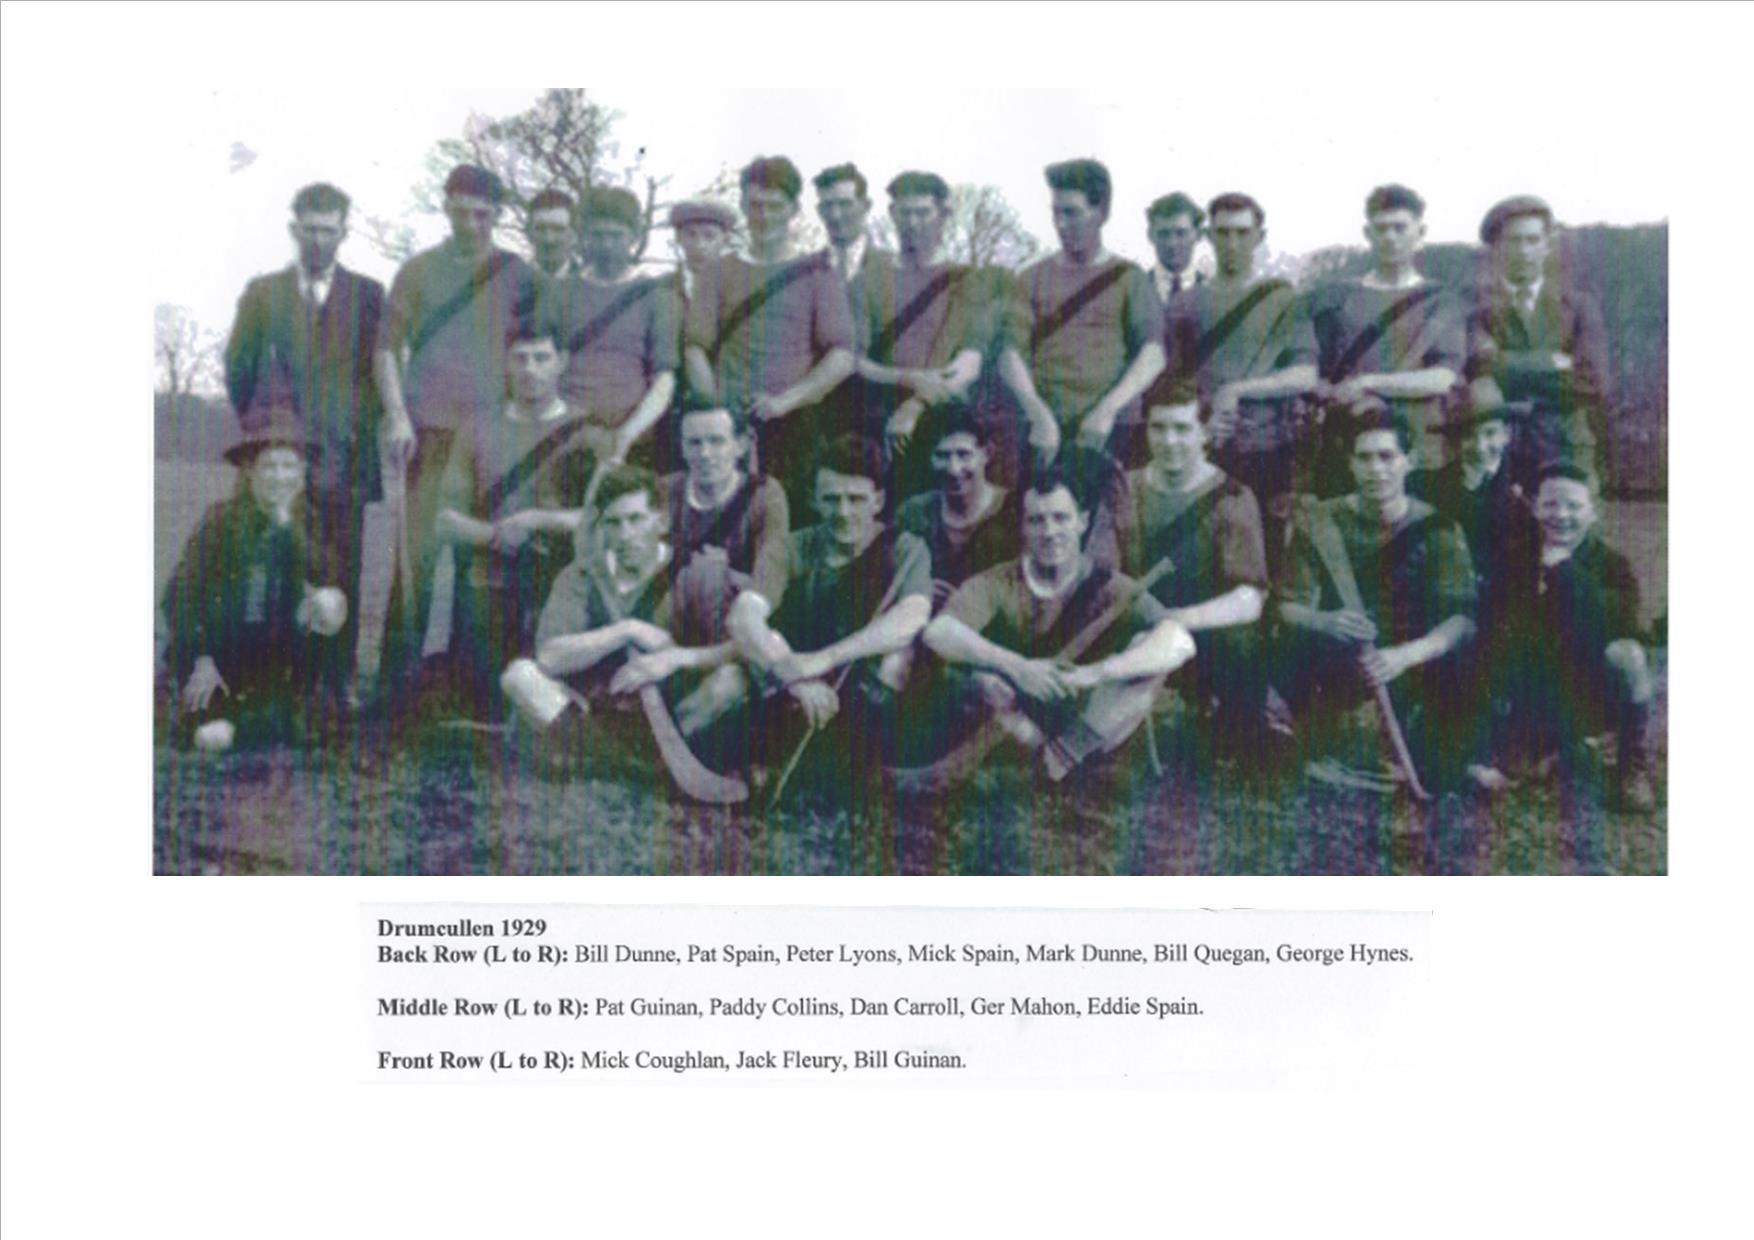 Drumcullen Team - 1929